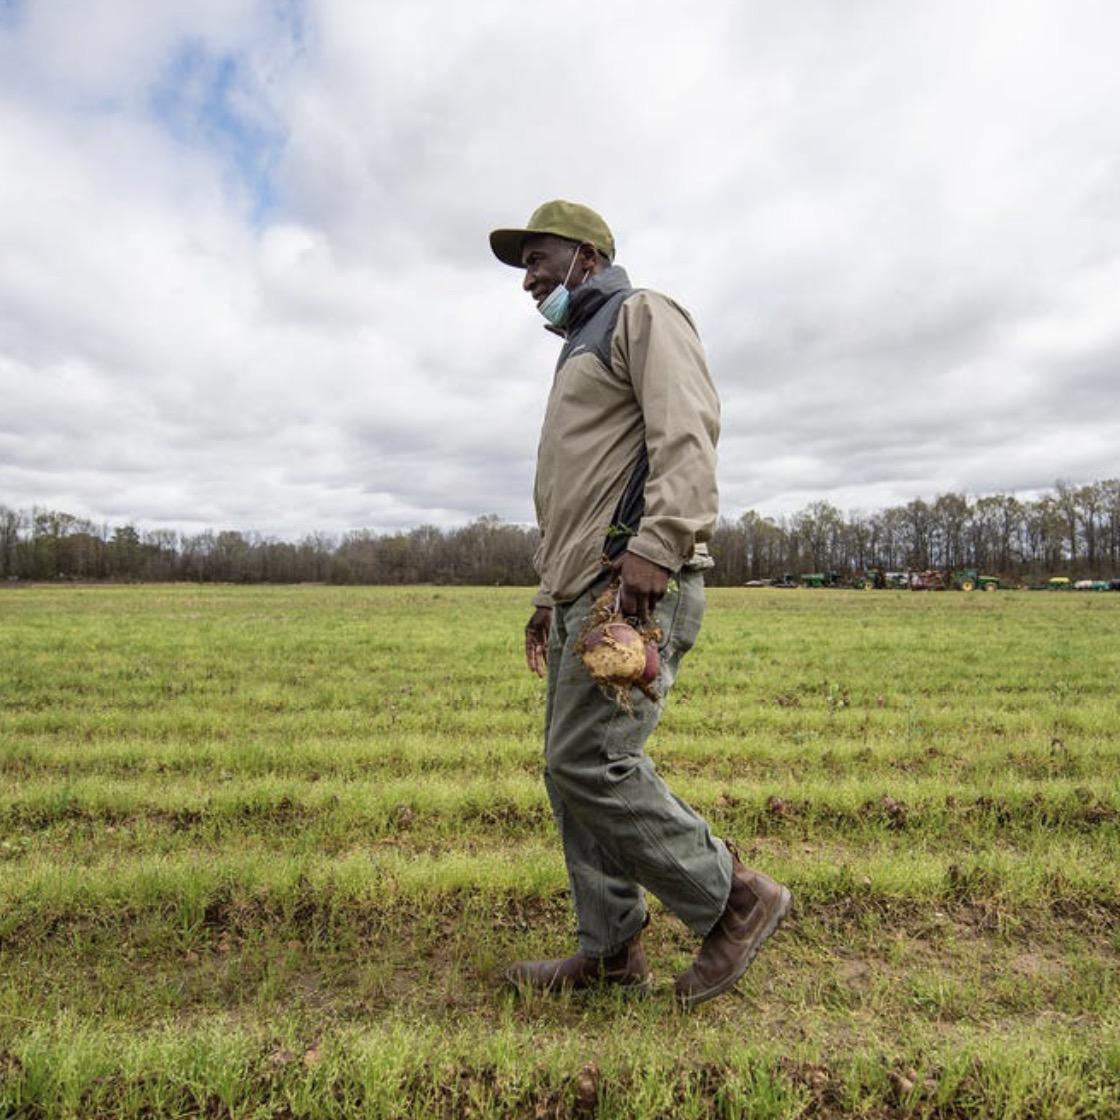 A black farmer walking through a field